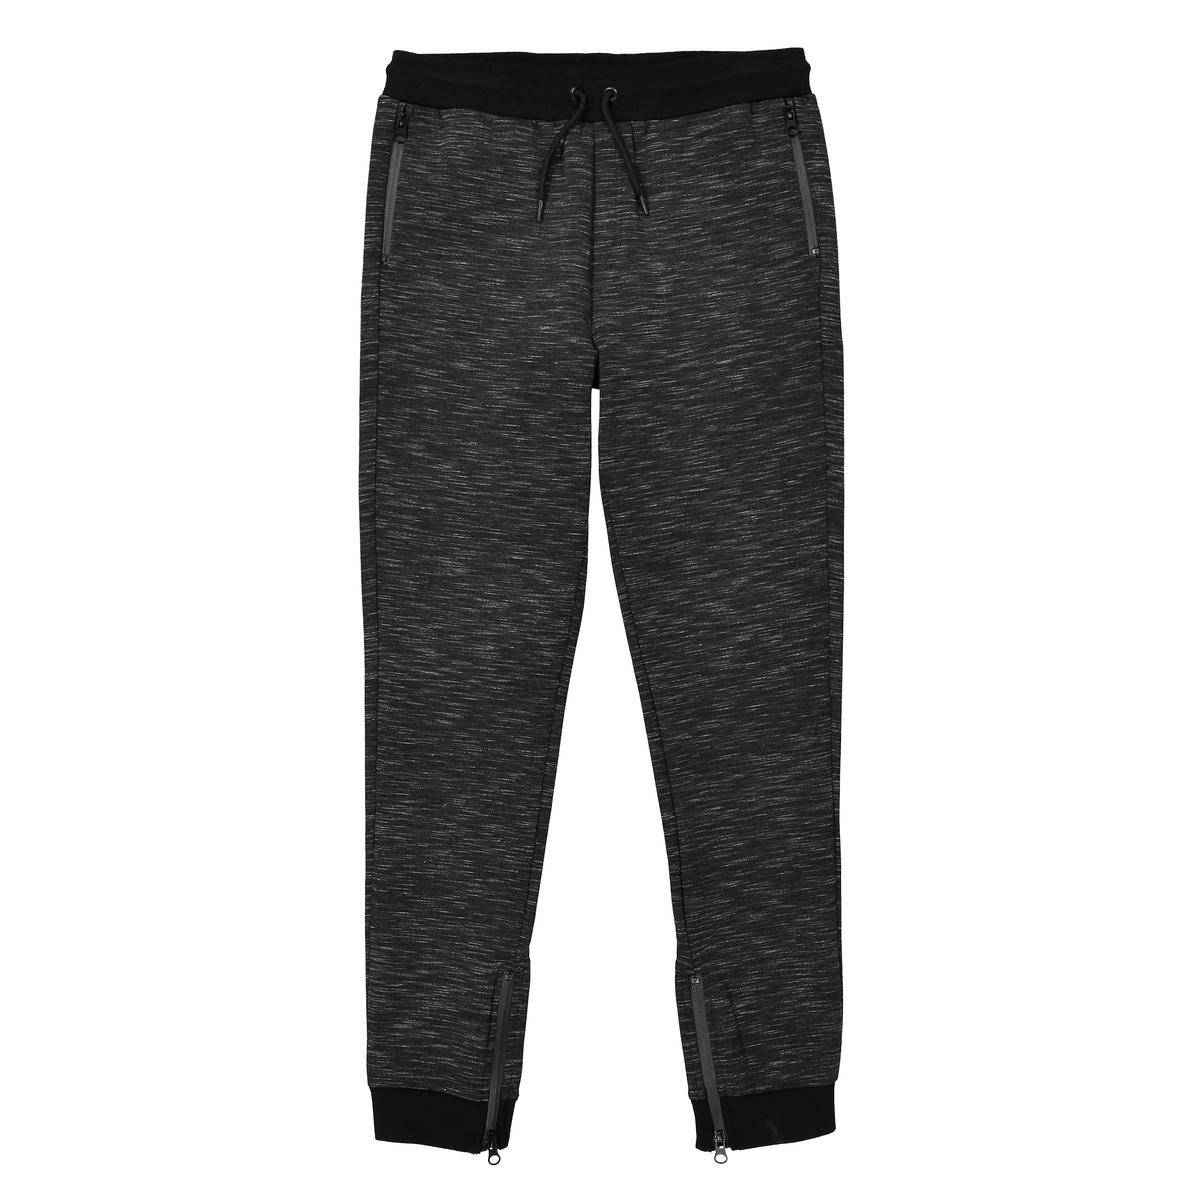 Брюки спортивные узкие из мольтона, 10-16 лет брюки спортивные из мольтона на 3 12 лет